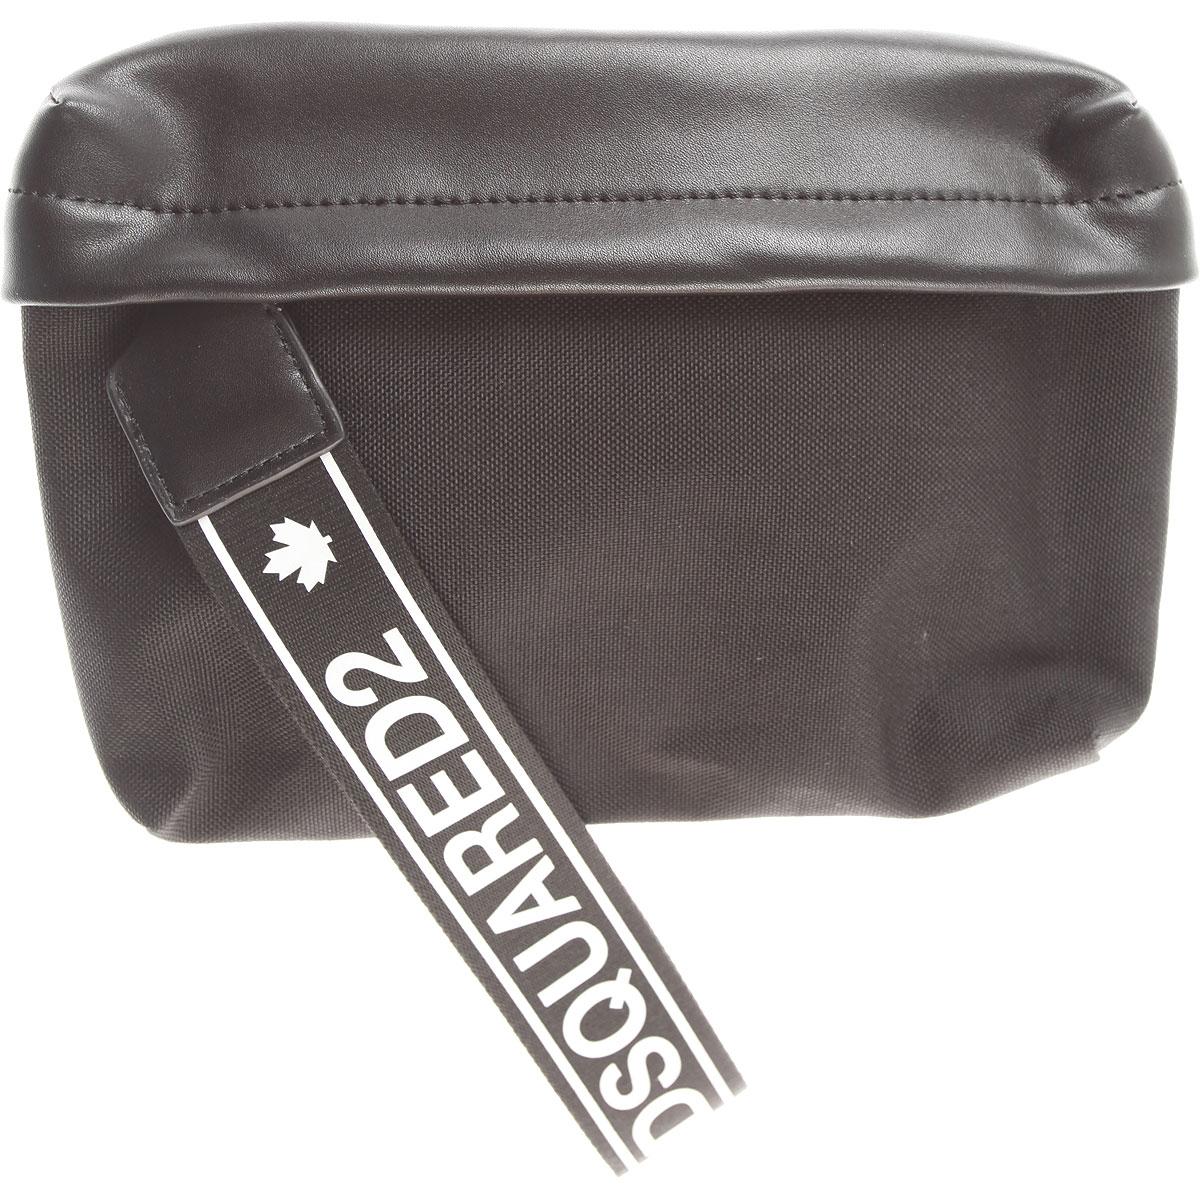 Image of Dsquared2 Shoulder Bags, Black, Nylon, 2017